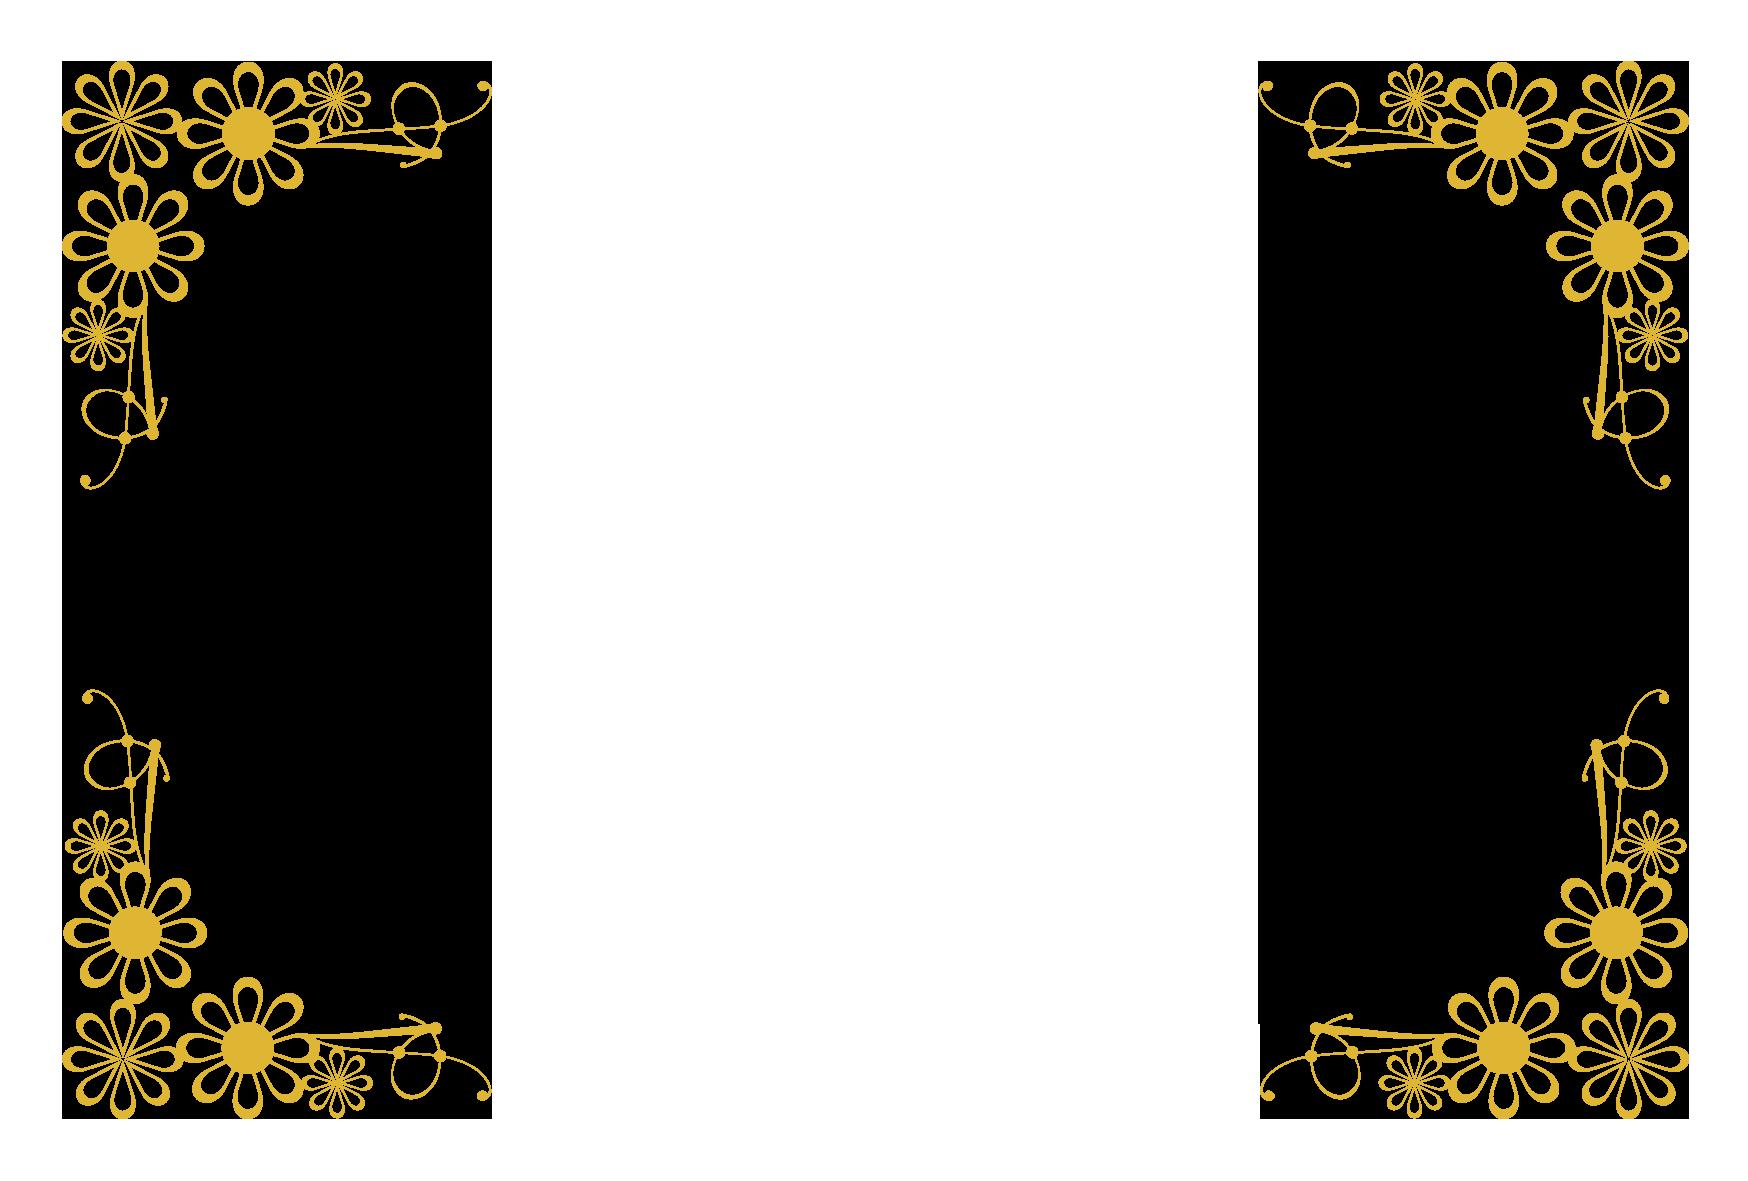 黄色の花の四つ角フレーム」 - 無料イラスト愛